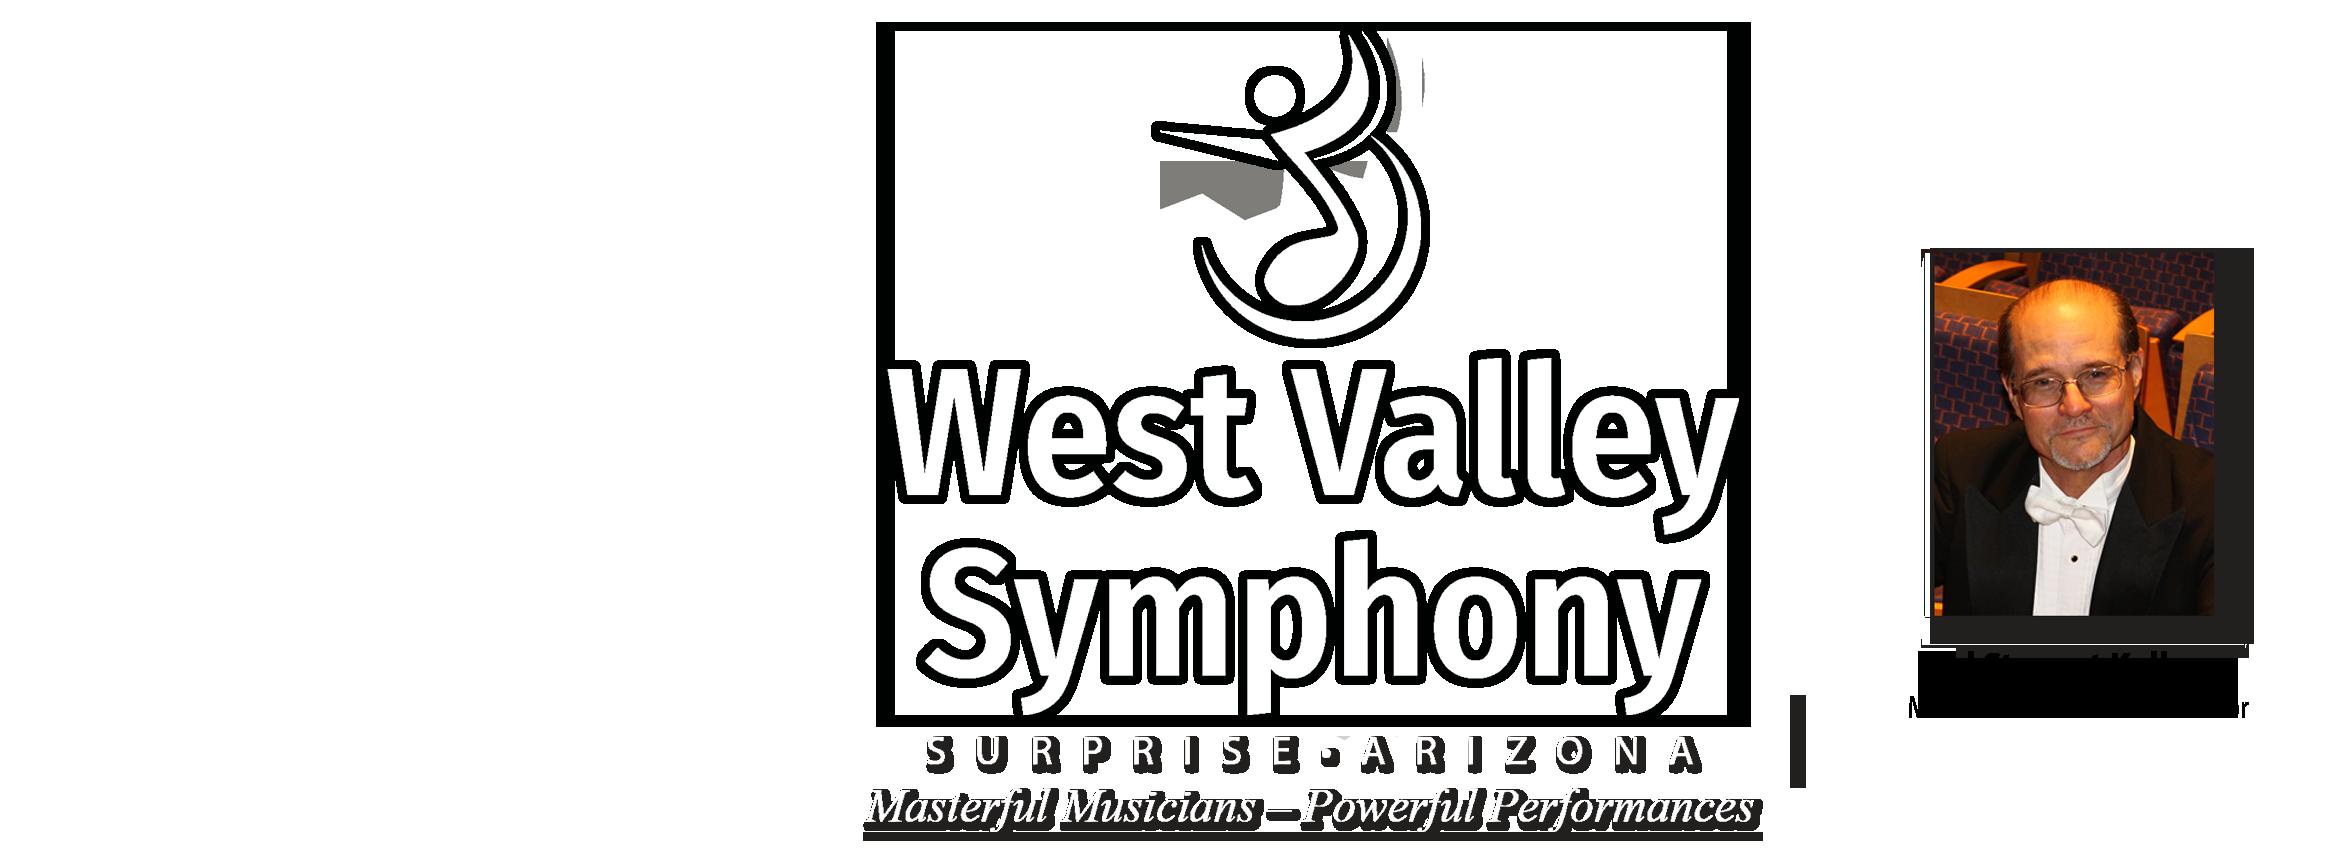 West Valley Symphony – Surprise AZ